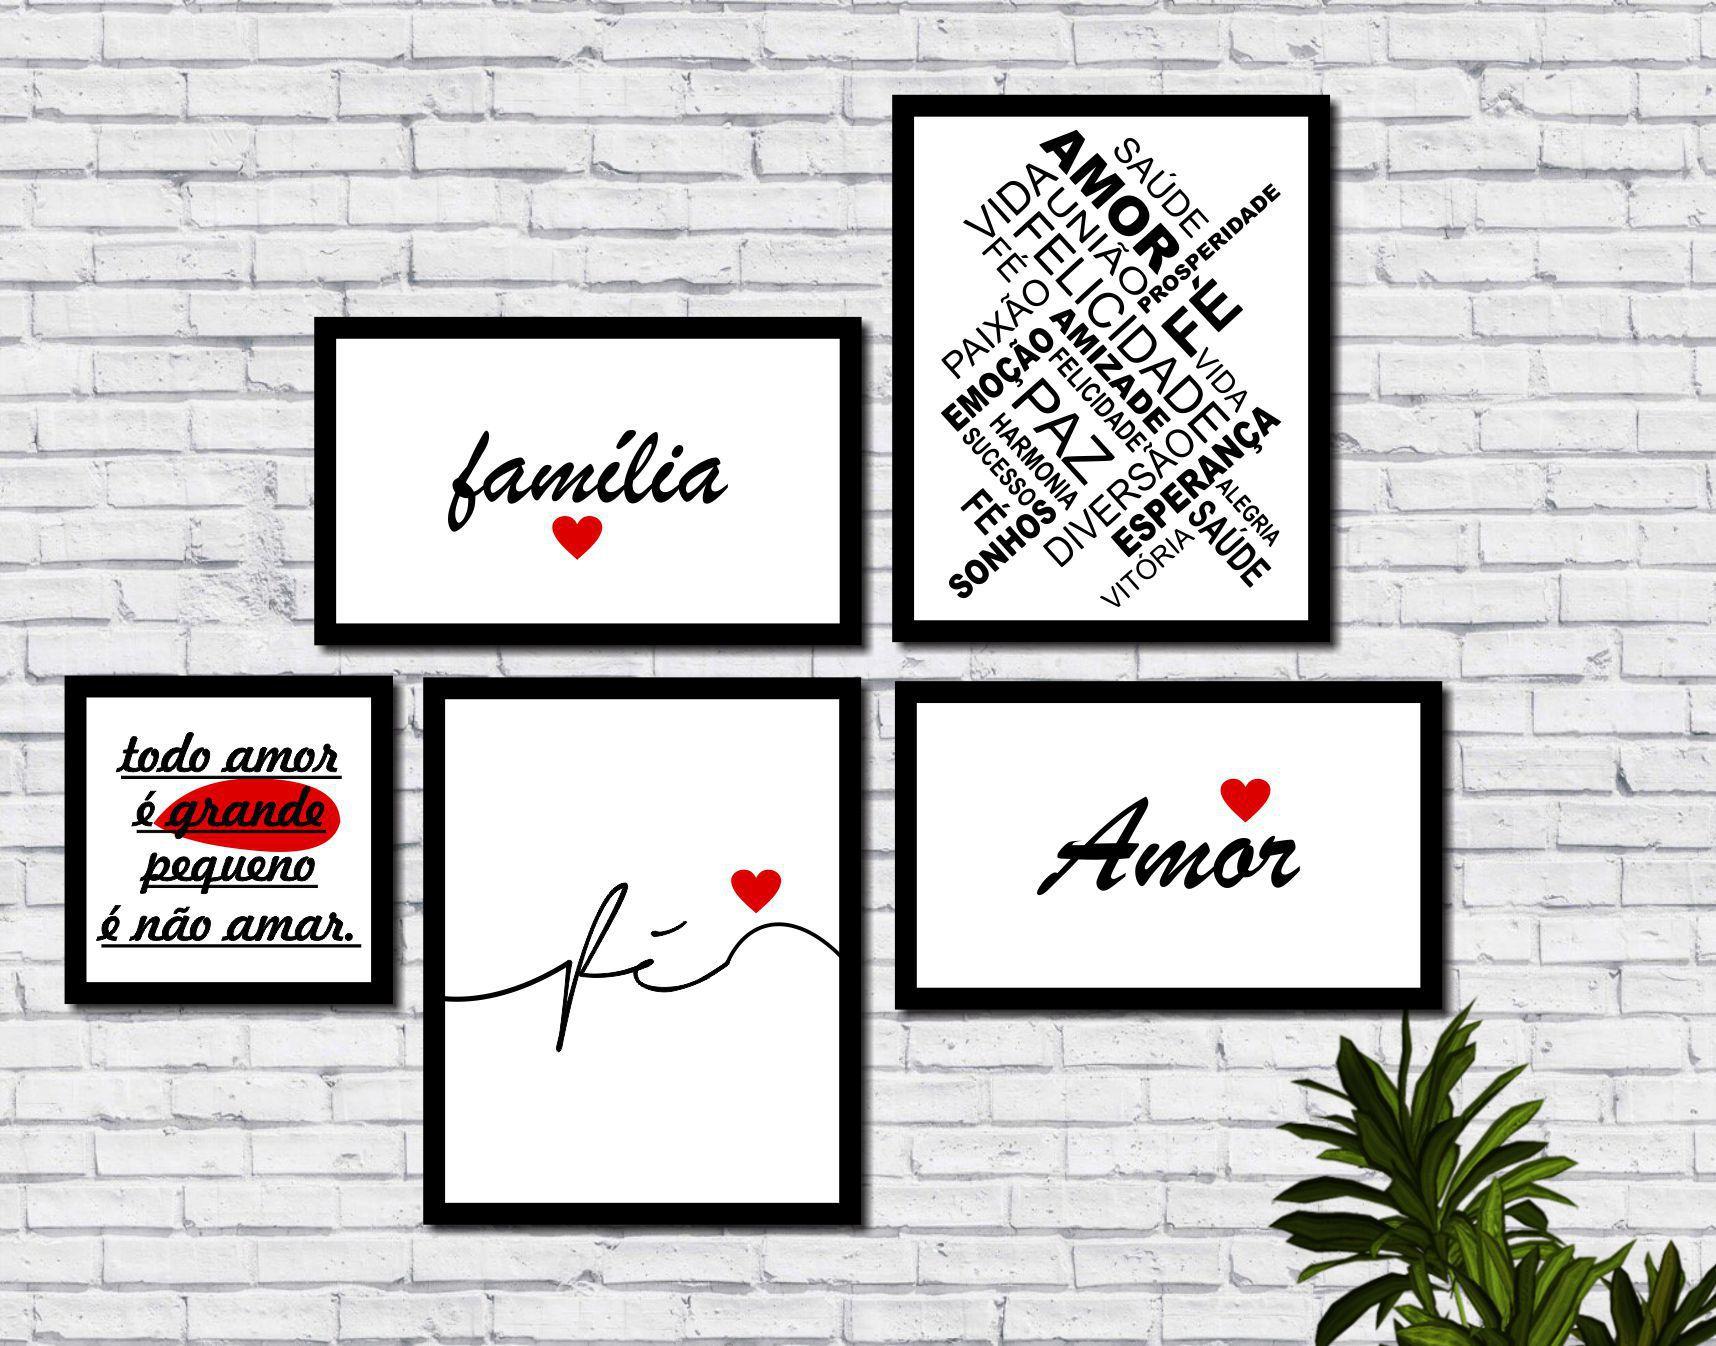 4056b0dc9 Kit 5 Quadros Decorativos Família Amor Fé Frases - Arte Quadro - Quadros e  Adesivos Decorativos